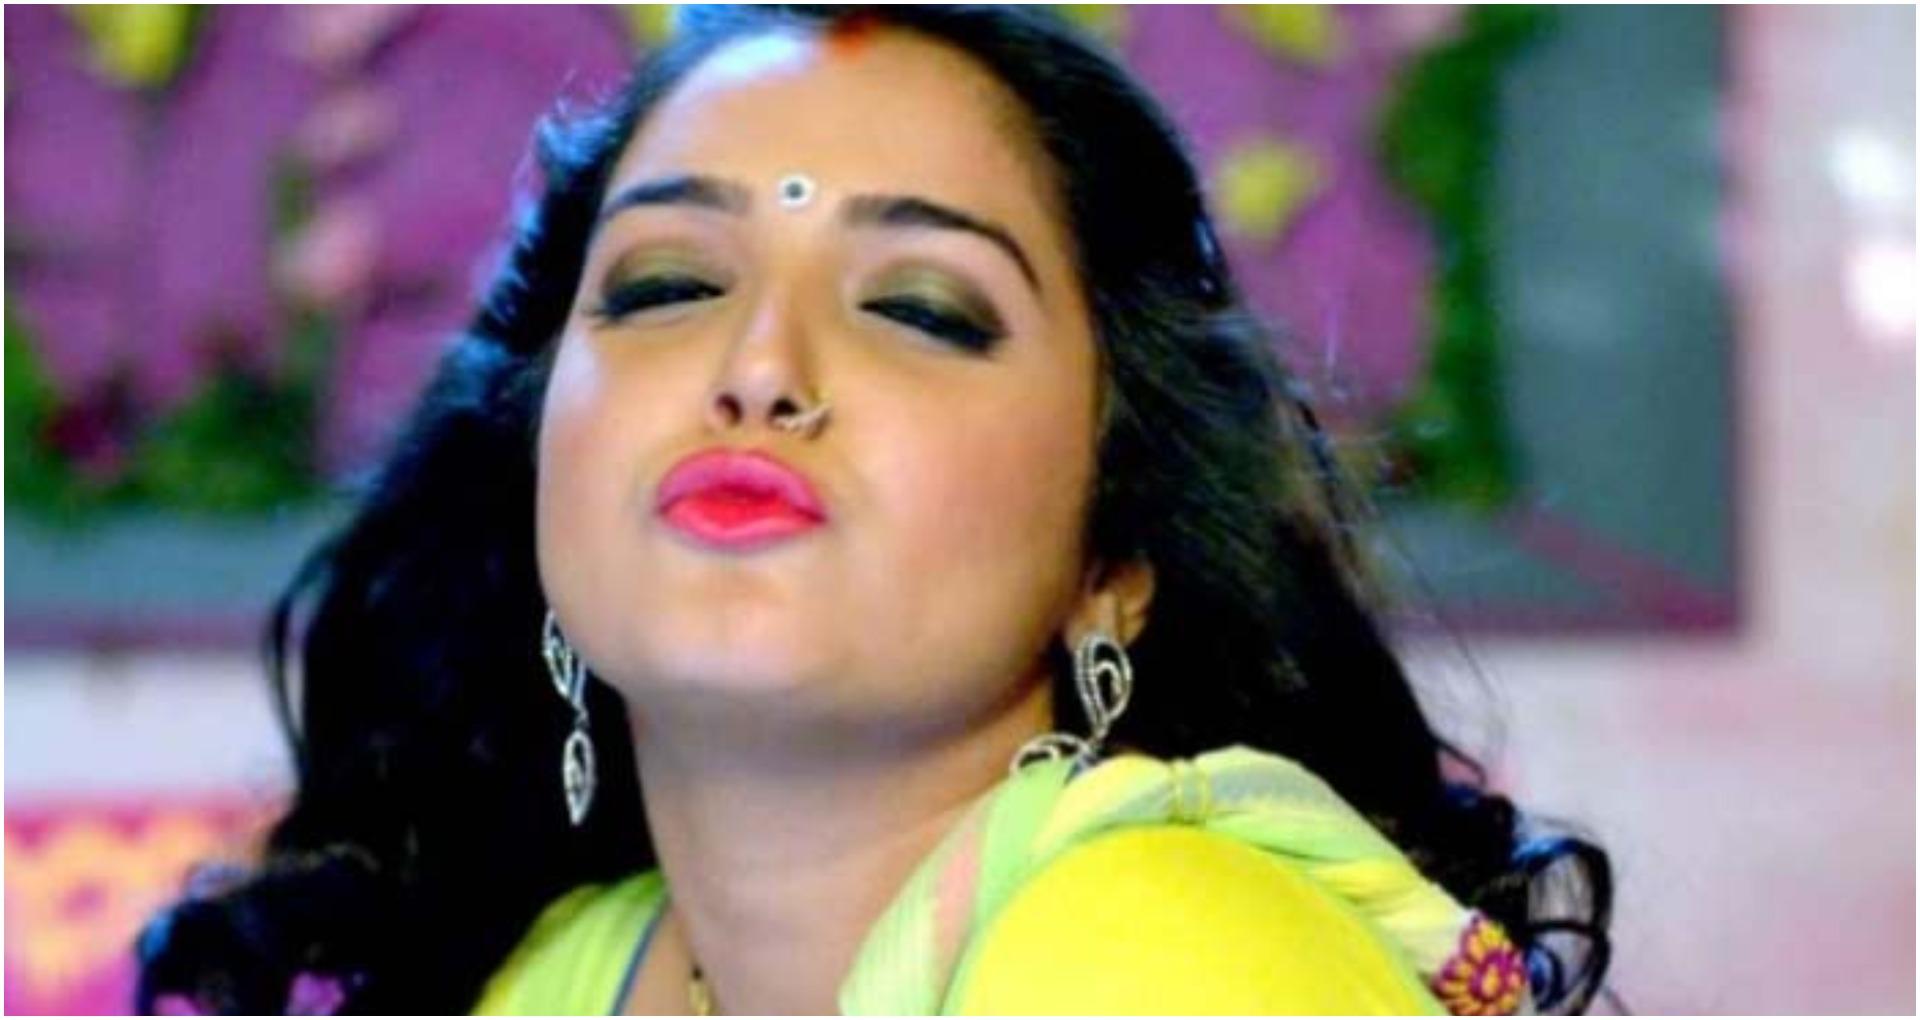 Aamrapali Dubey Funny Video: आम्रपाली का मजेदार वीडियो आया सामने, निरहुआ भी खुद को कमेंट करने से नहीं रोक पाए